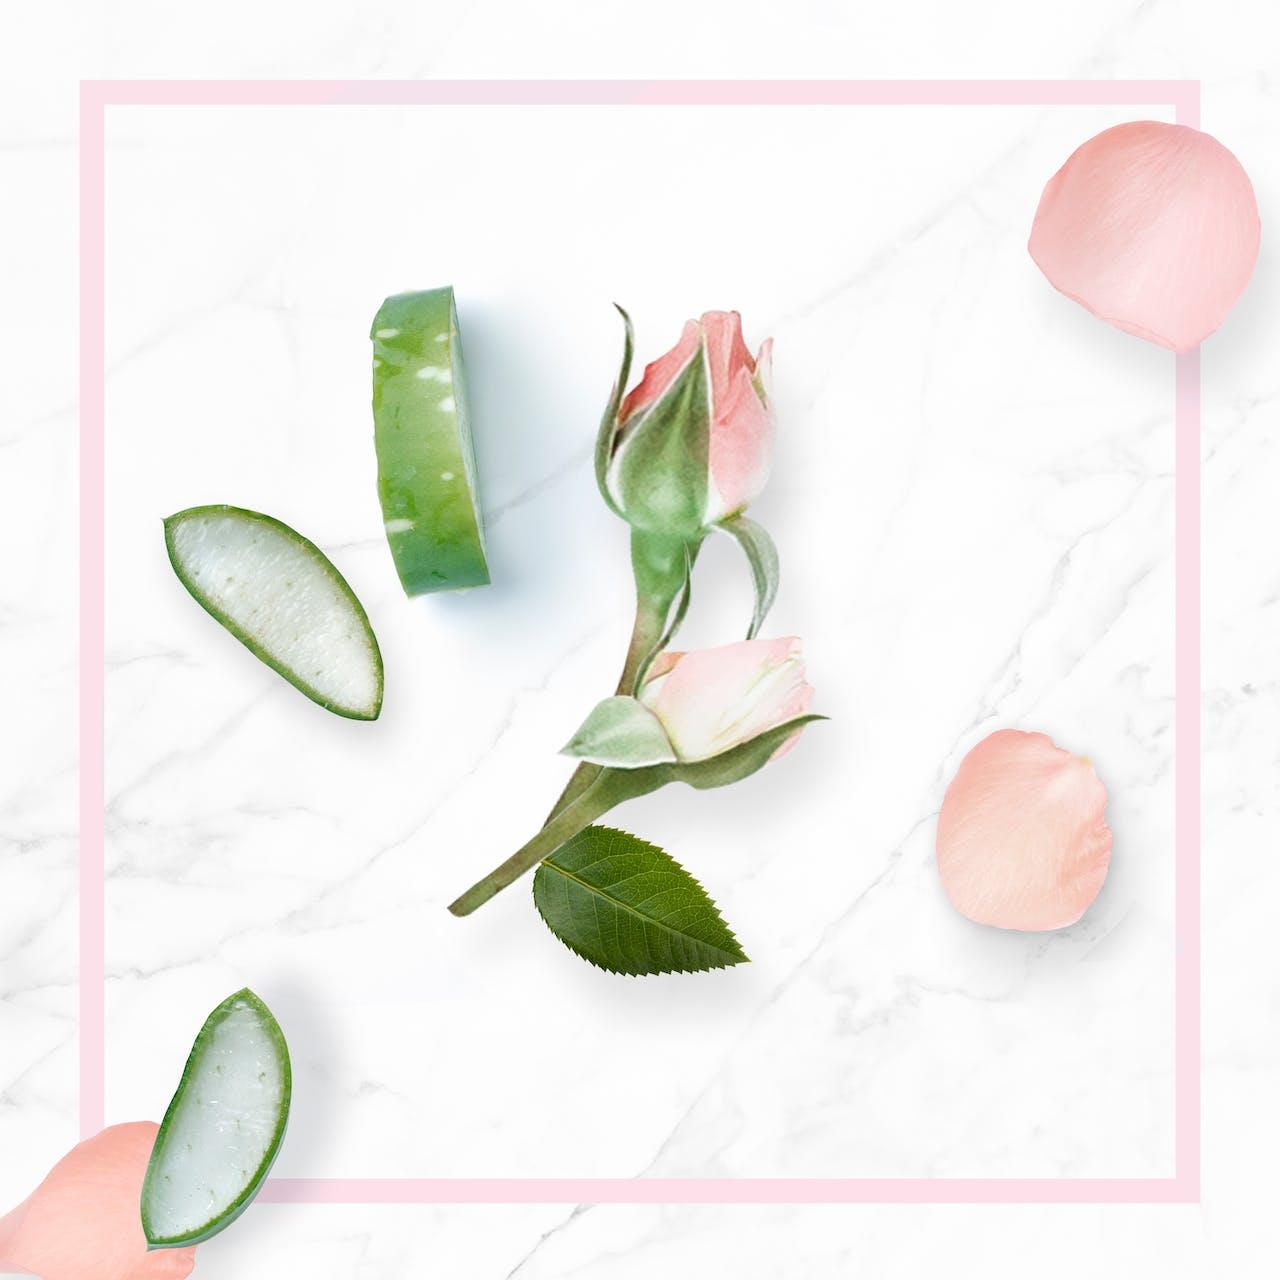 rose-damas-aloe-vera-bio